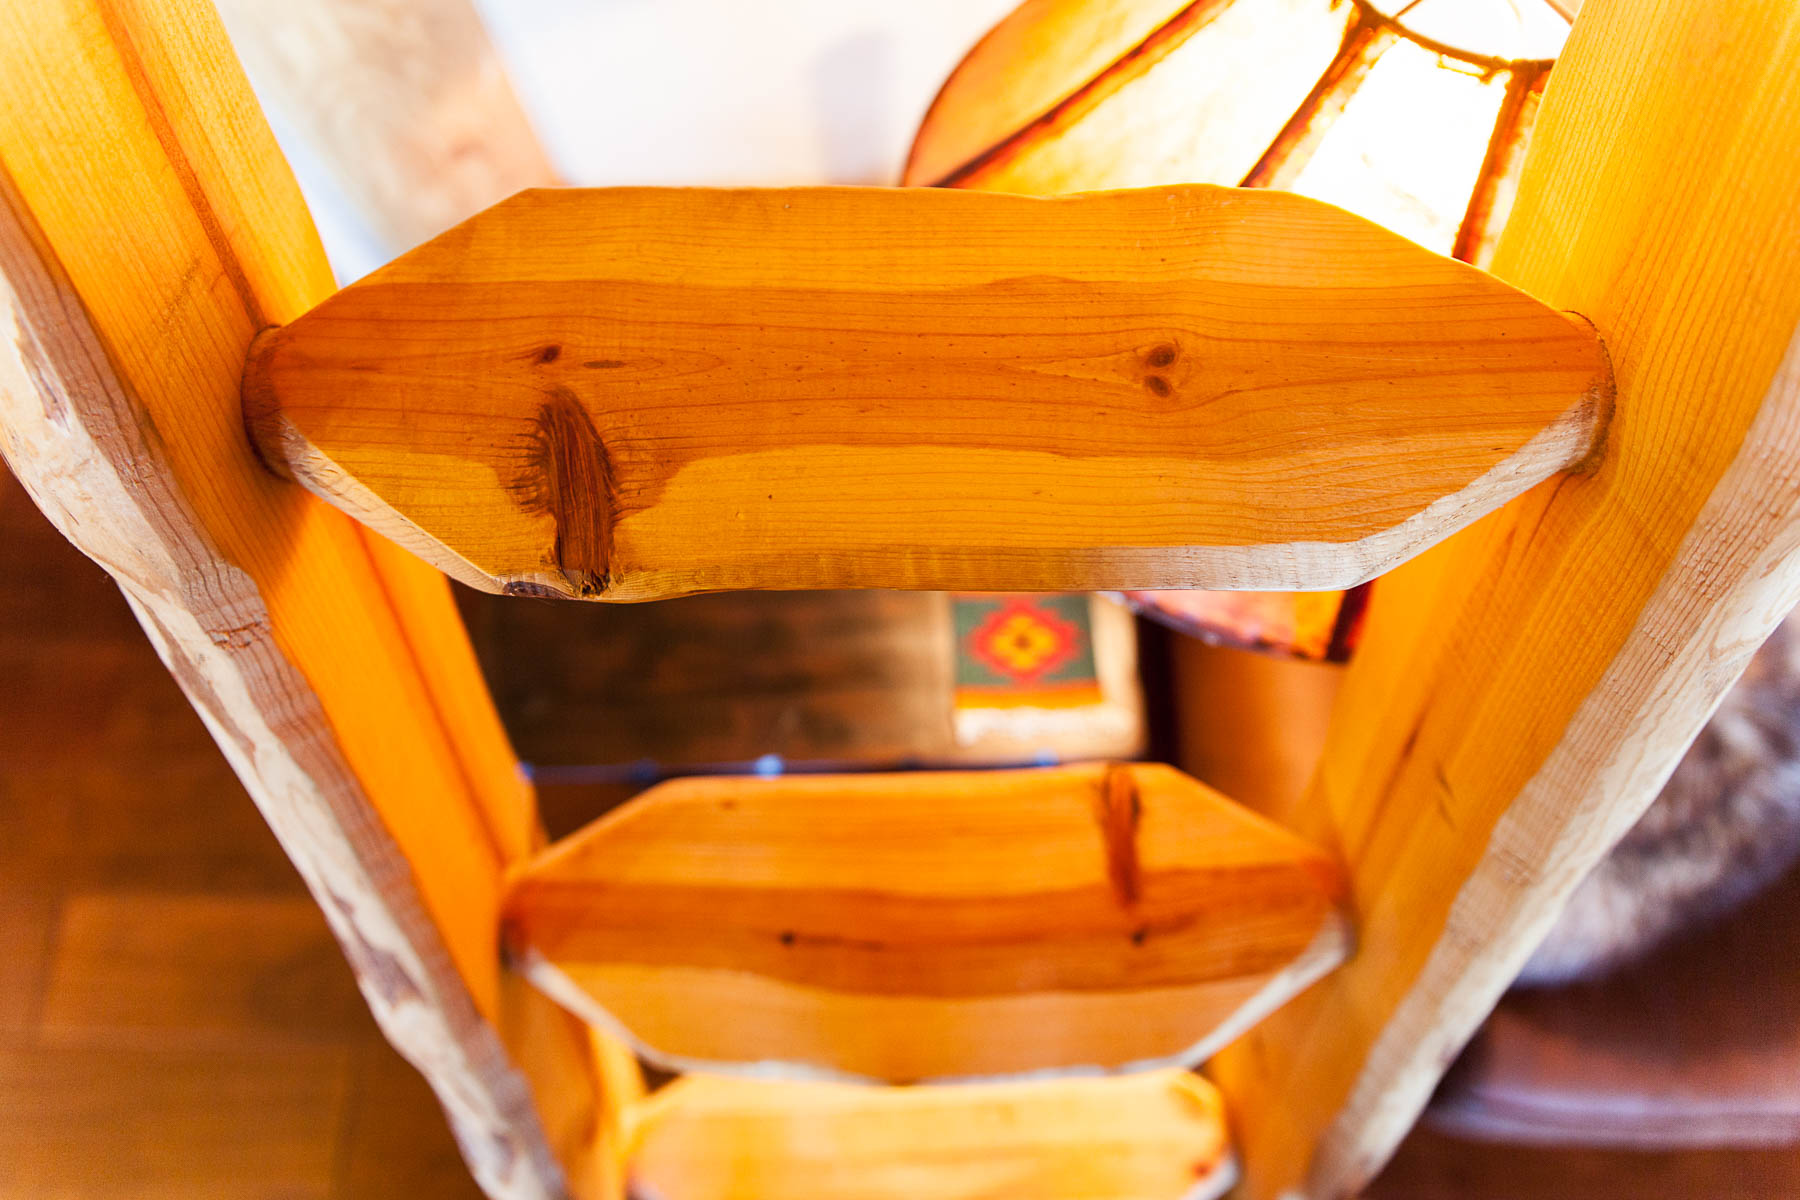 casita log home kit colorado new mexico-12